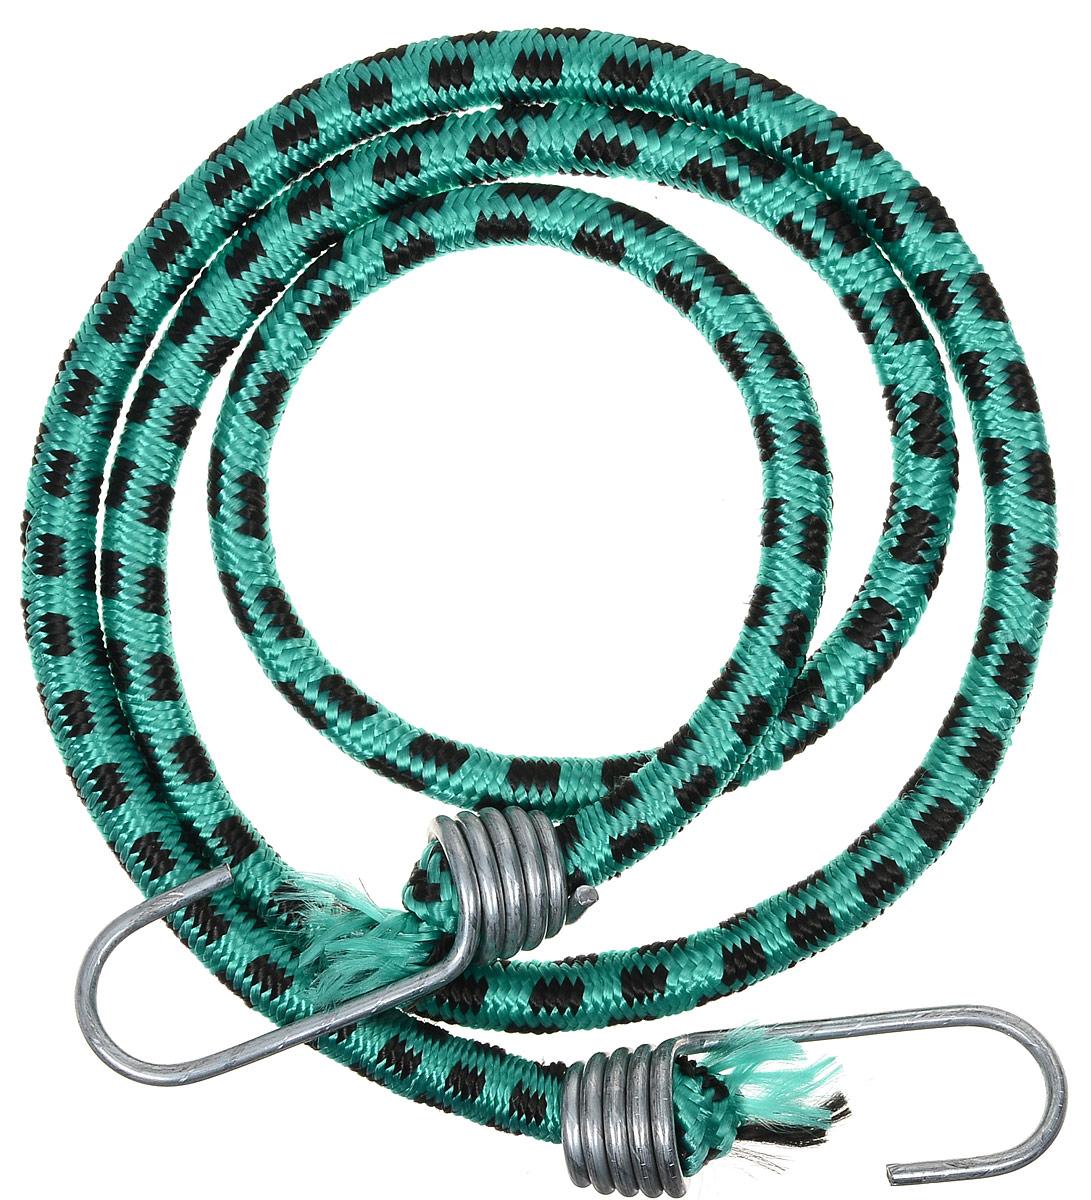 Резинка багажная МастерПроф, с крючками, цвет: зеленый, черный, 1 х 110 см. АС.020023АС.020023_зеленый, черныйБагажная резинка МастерПроф, выполненная из синтетического каучука, оснащена специальными металлическими крюками, которые обеспечивают прочное крепление и не допускают смещение груза во время его перевозки. Резинка применяется для закрепления предметов к багажнику. Она позволит зафиксировать как небольшой груз, так и довольно габаритный. Материал: синтетический каучук. Температура использования: -15°C до +50°C. Безопасное удлинение: 60%. Диаметр резинки: 10 мм. Длина резинки: 110 см.